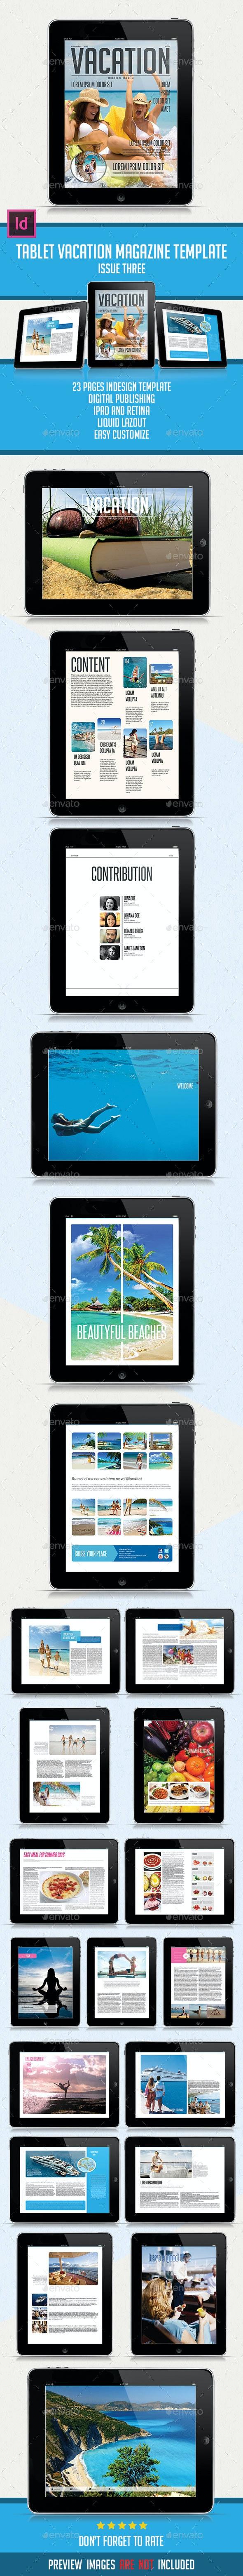 Tablet Vacation Magazine Issue Three - Digital Magazines ePublishing